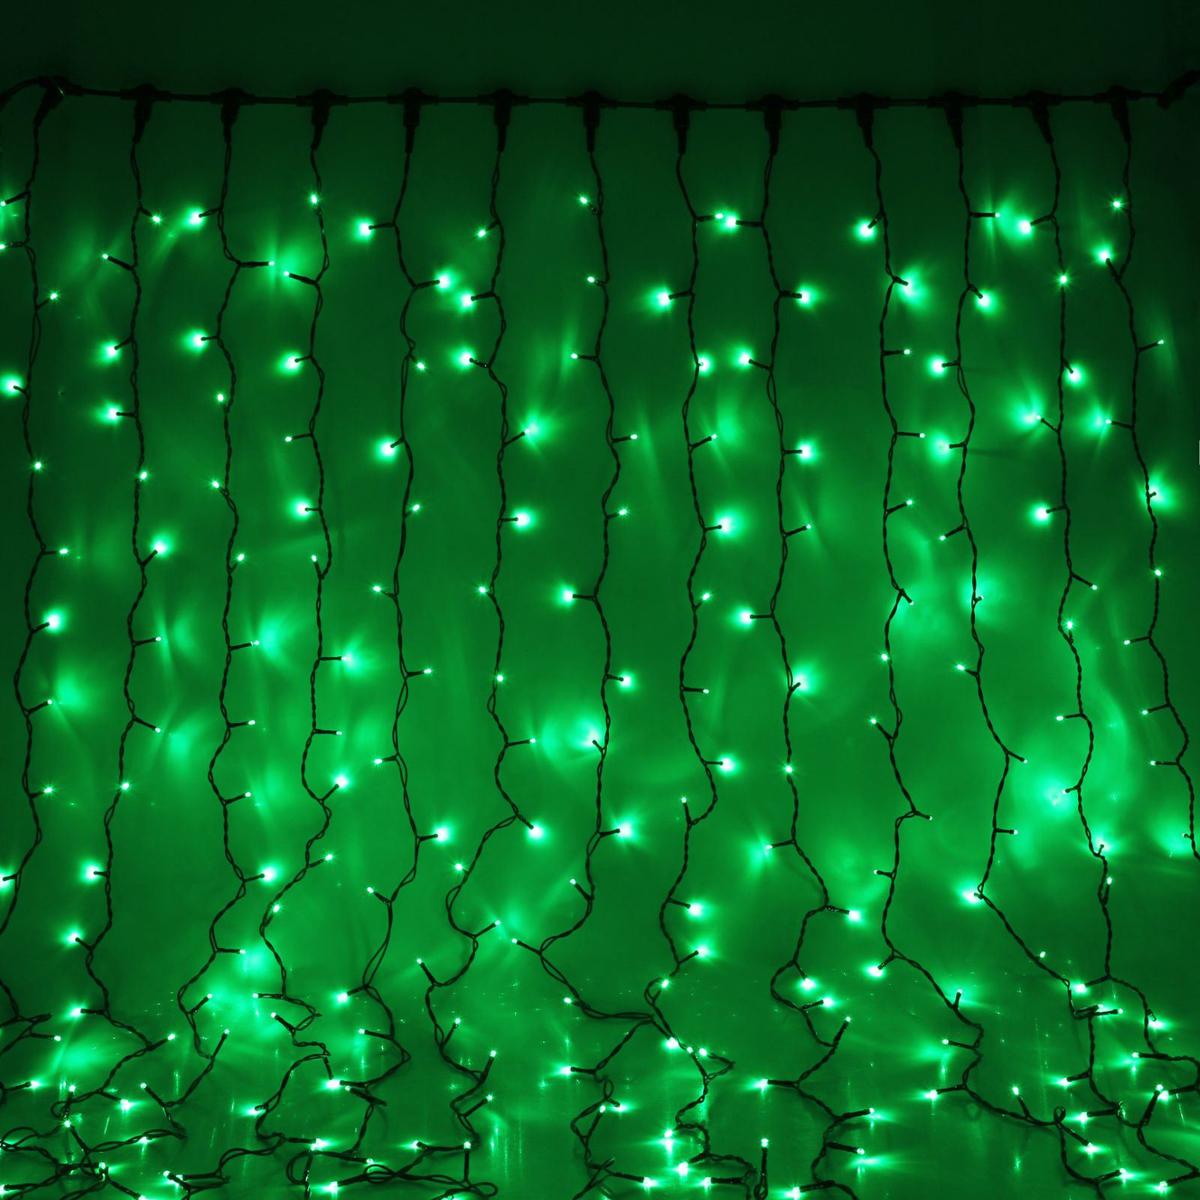 Гирлянда светодиодная Luazon Занавес, цвет: зеленый, уличная, 760 ламп, 220 V, 2 х 3 м. 10802461080246Светодиодные гирлянды и ленты — это отличный вариант для новогоднего оформления интерьера или фасада. С их помощью помещение любого размера можно превратить в праздничный зал, а внешние элементы зданий, украшенные ими, мгновенно станут напоминать очертания сказочного дворца. Такие украшения создают ауру предвкушения чуда. Деревья, фасады, витрины, окна и арки будто специально созданы, чтобы вы украсили их светящимися нитями.